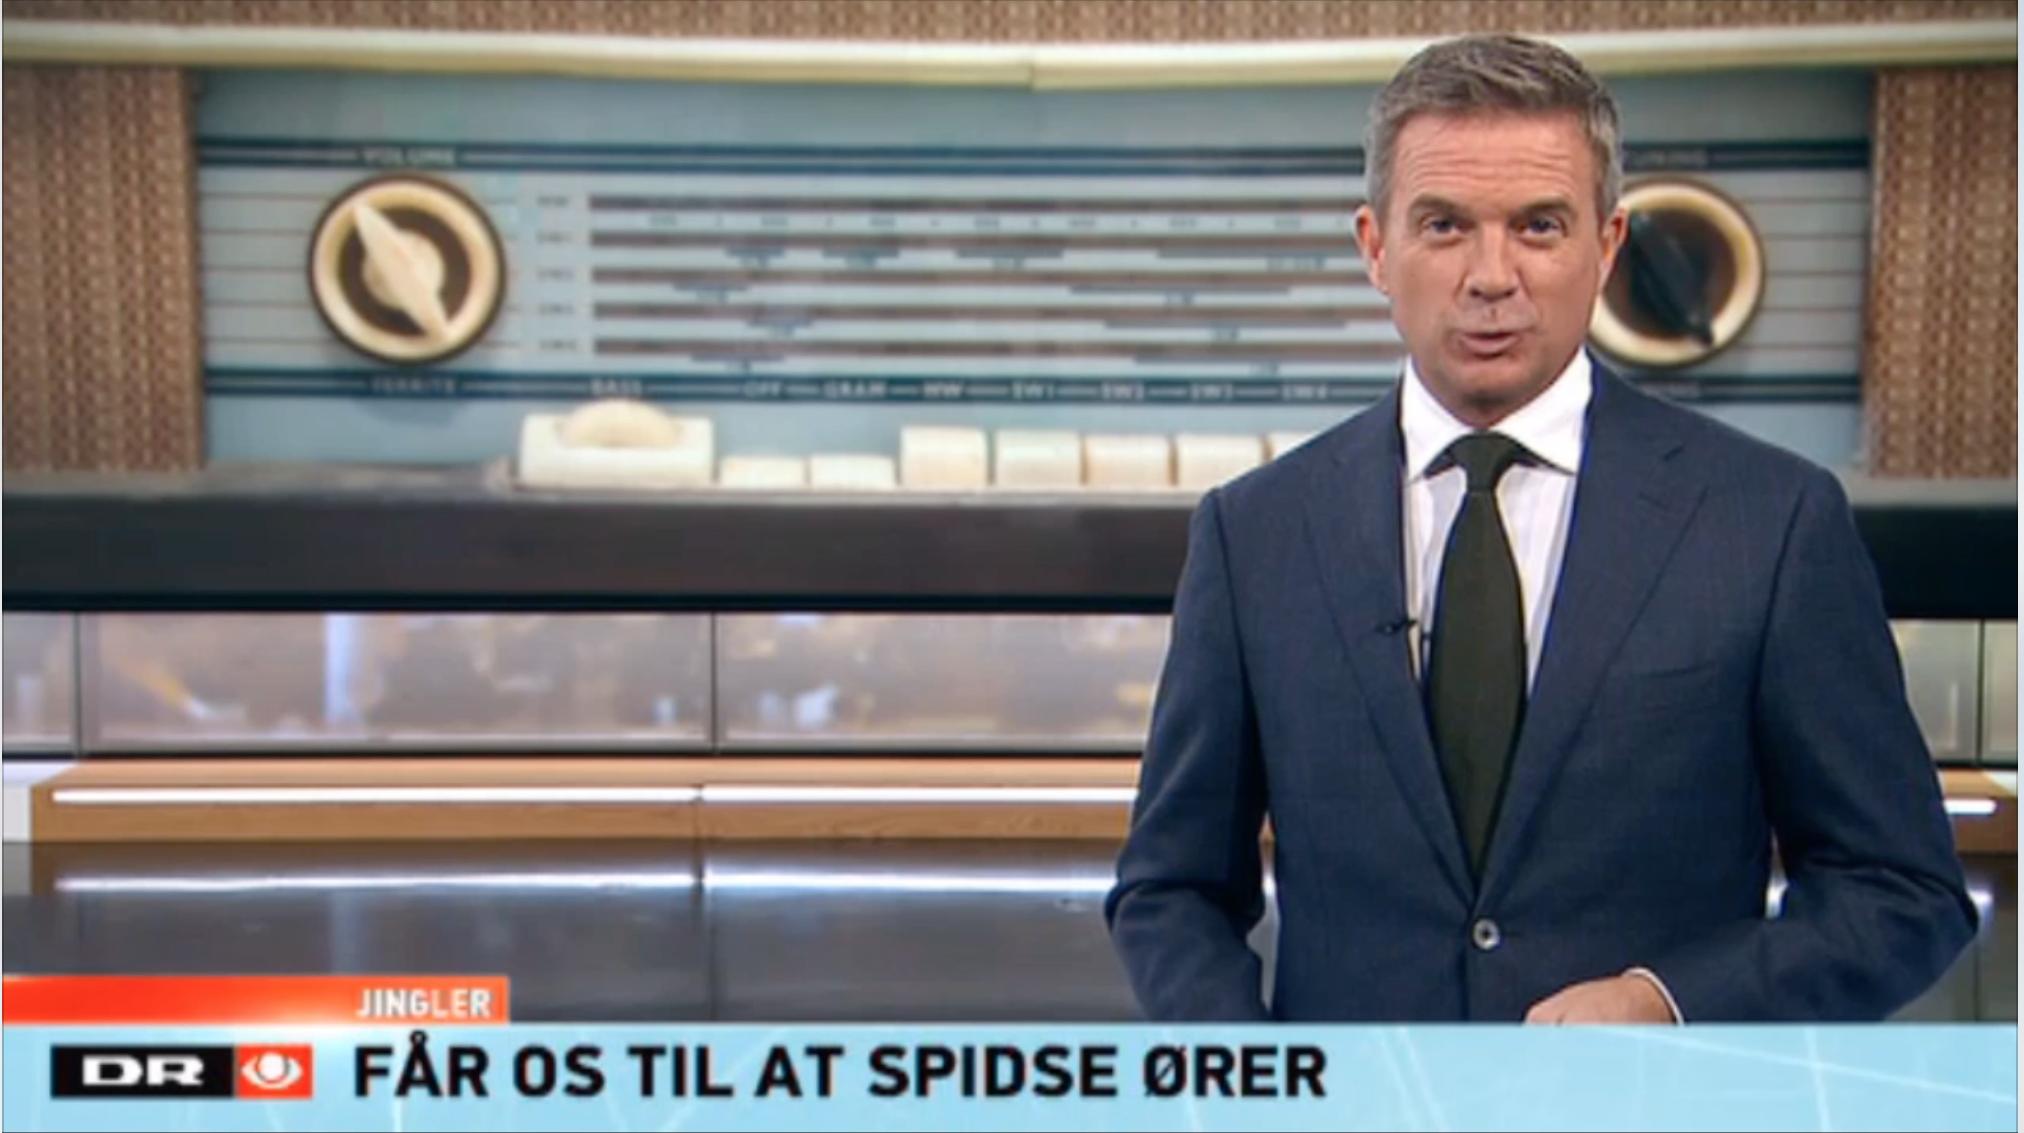 DR TV Avisen 2014 Jingles Heine Nielsen